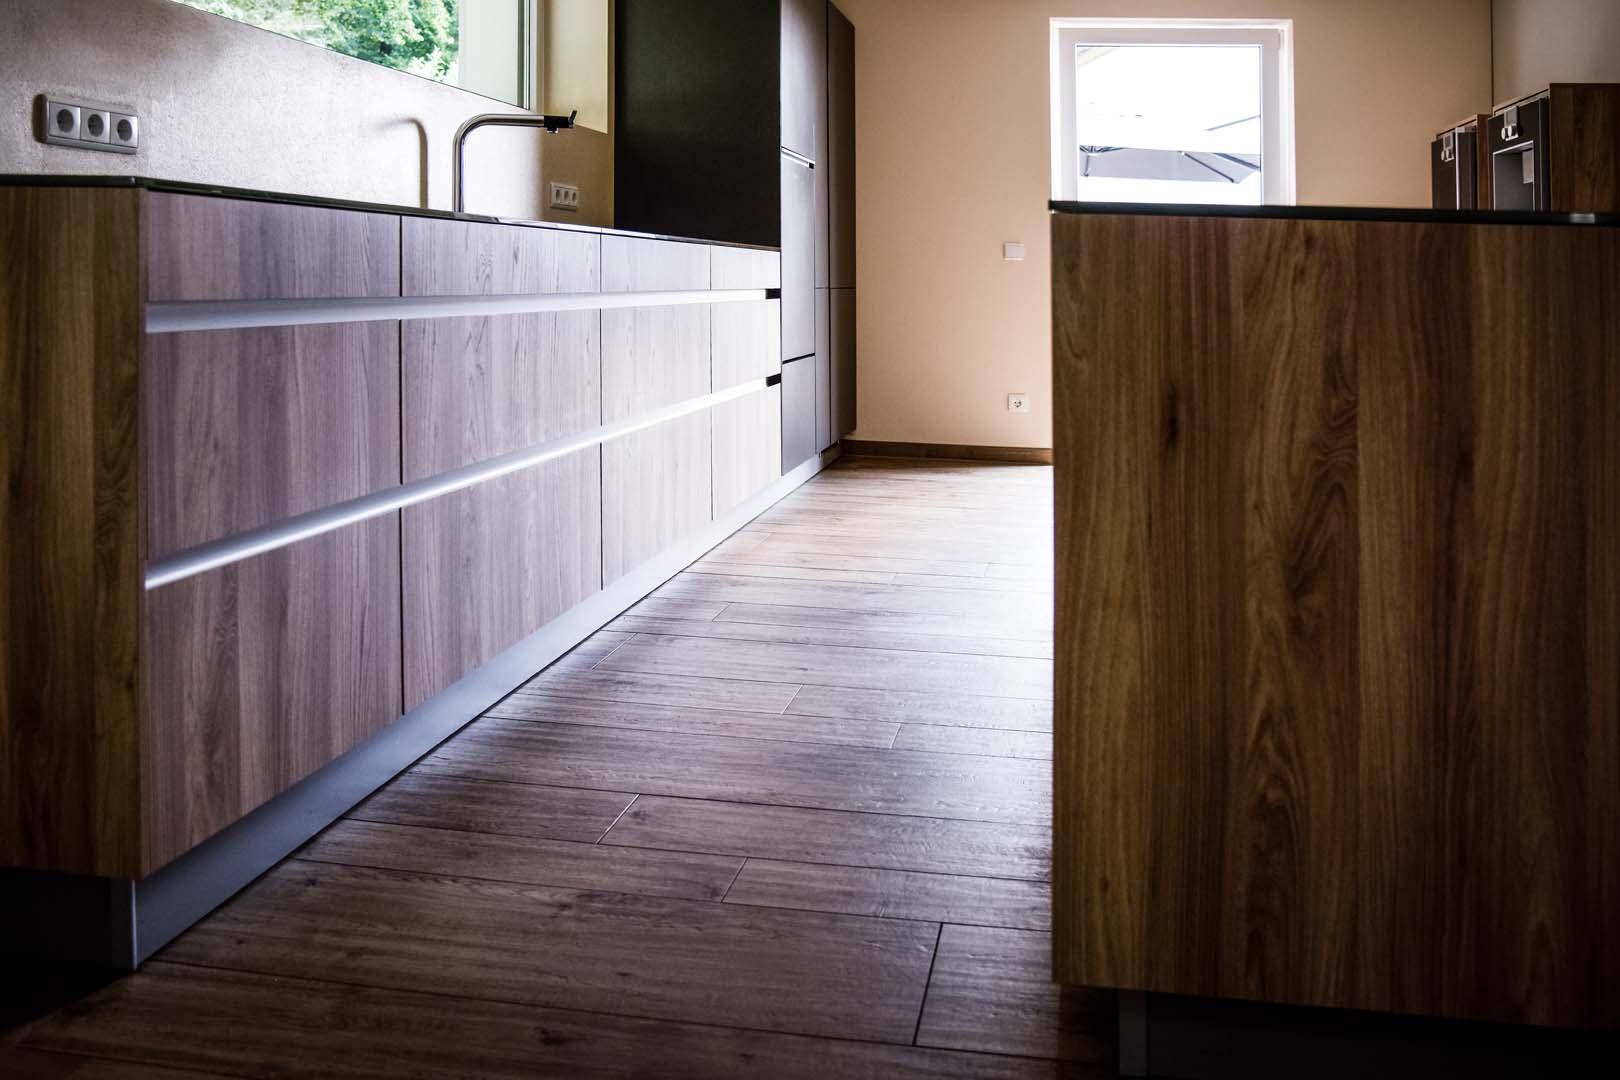 front holz ulme mit glas arbeitsplatte veigl k chen. Black Bedroom Furniture Sets. Home Design Ideas